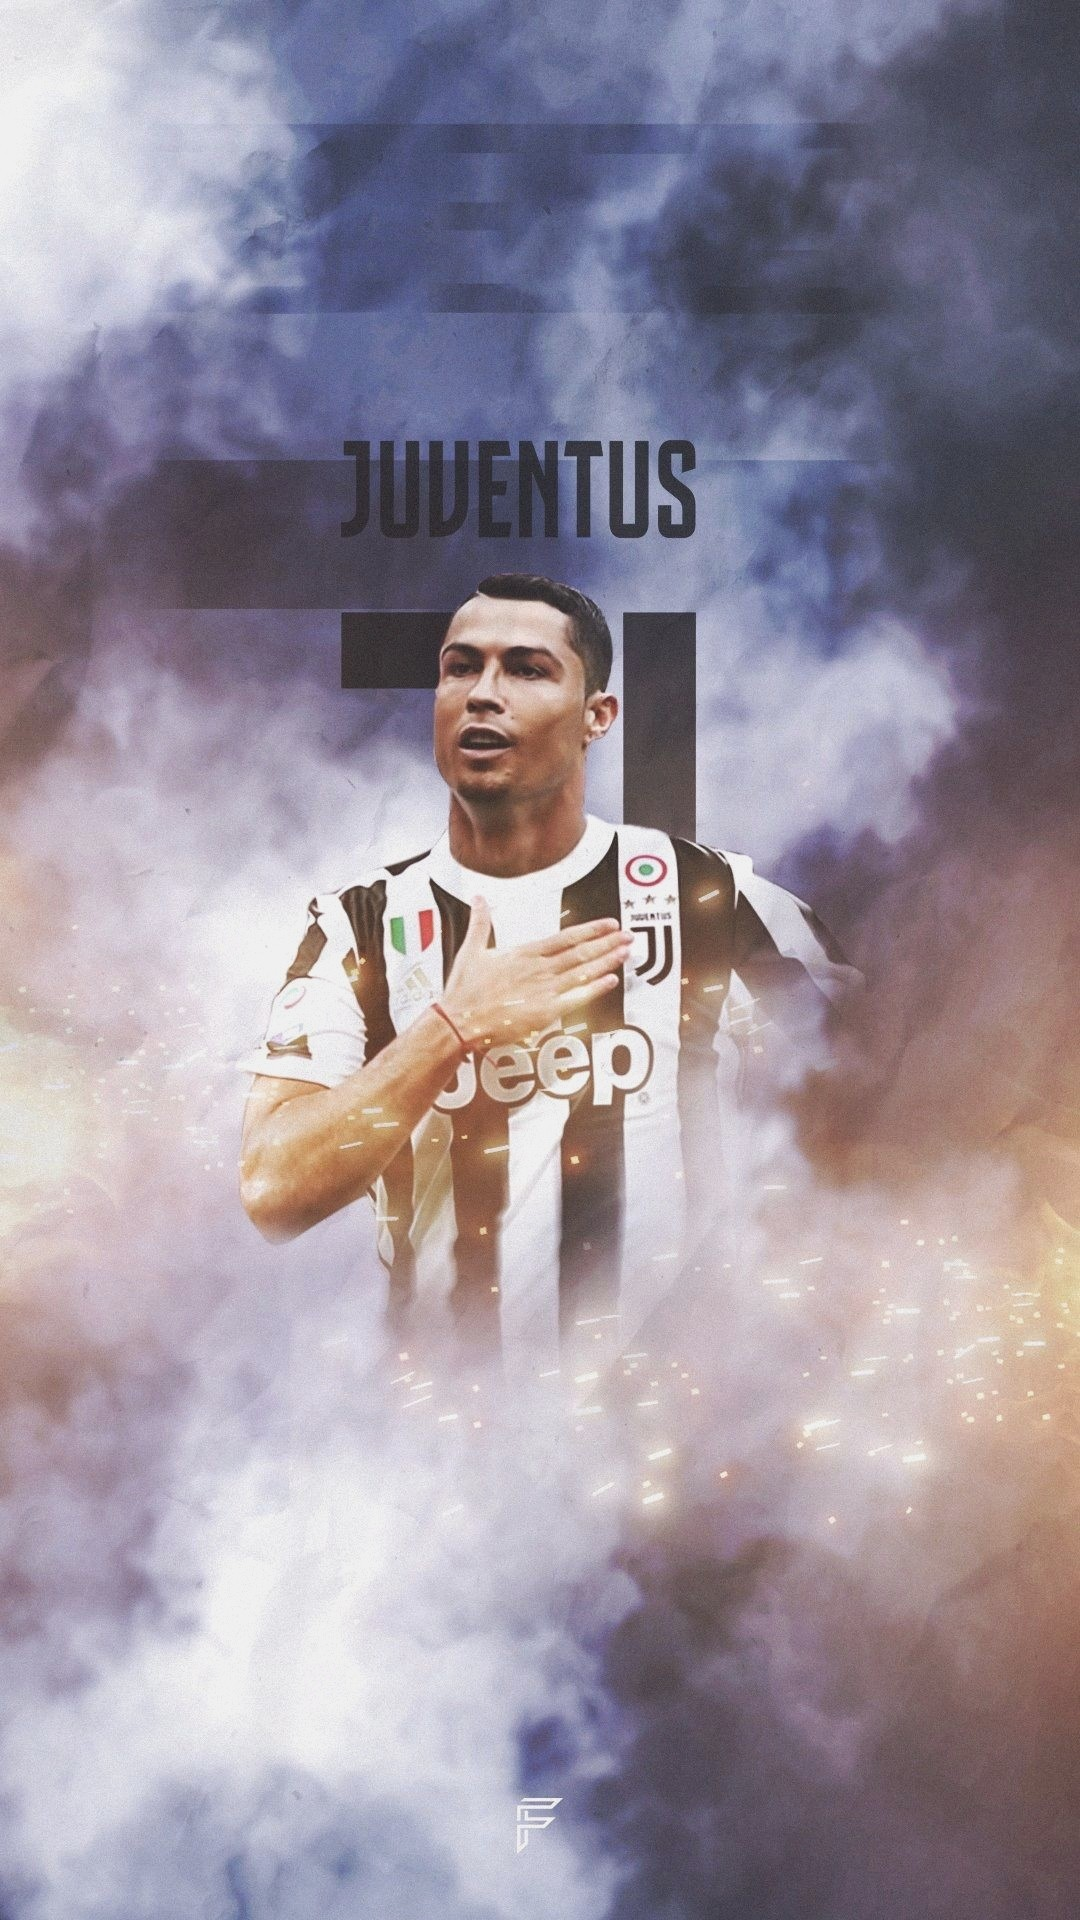 Juventus Wallpaper Hd 75 Images